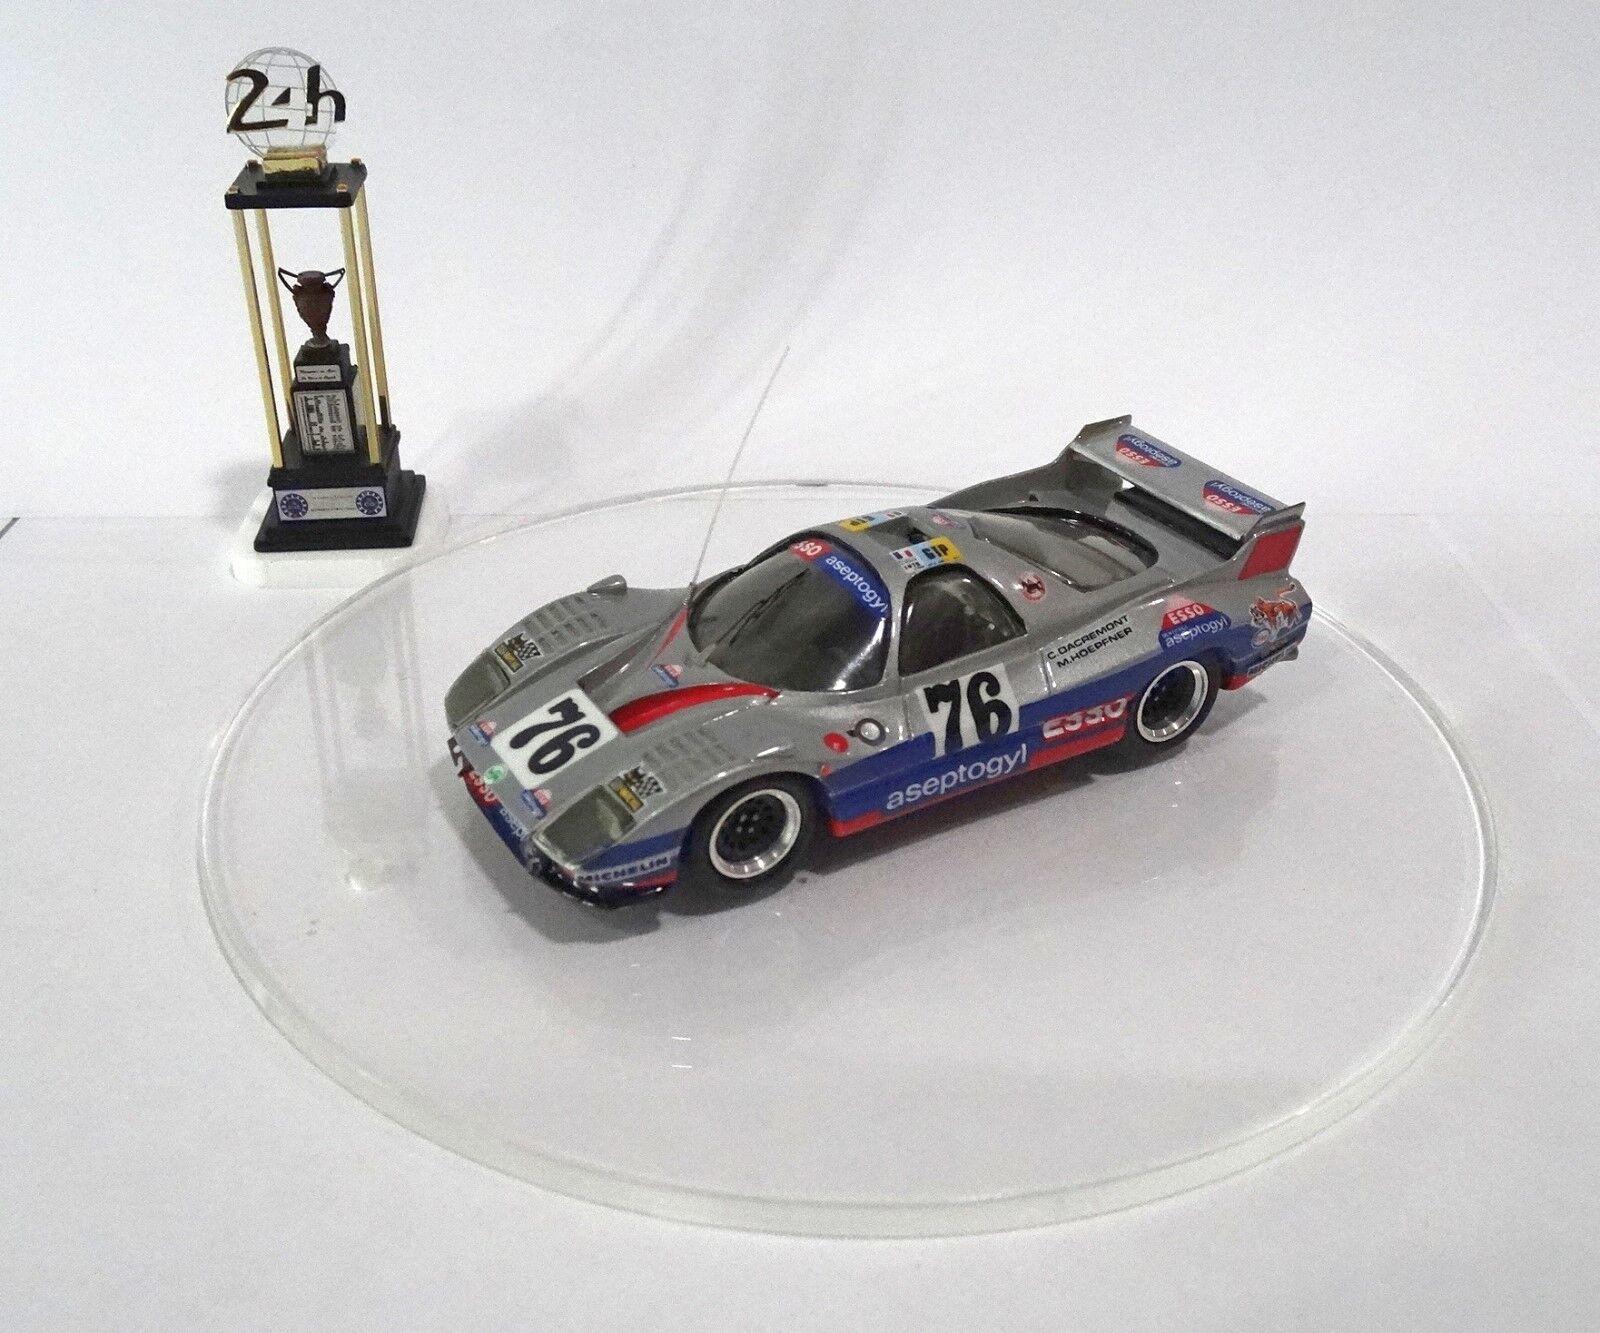 WM P76  76 Le Mans 24 Hours 1978 Built Monté Kit 1 43 no spark minichamps